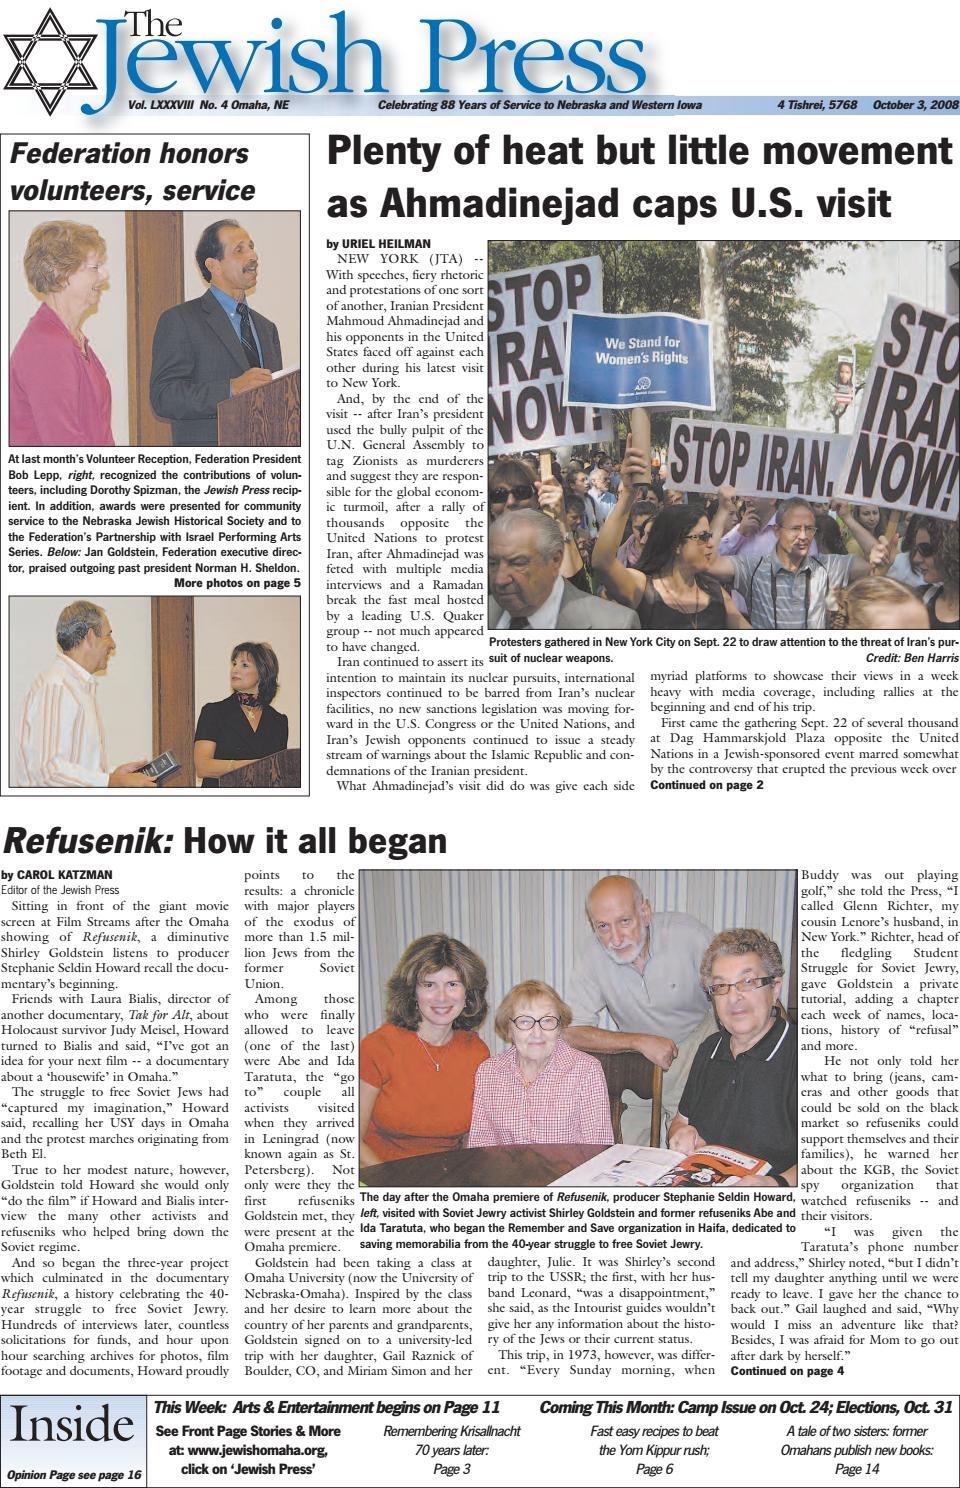 October 3, 2008Jewish Press - Issuu